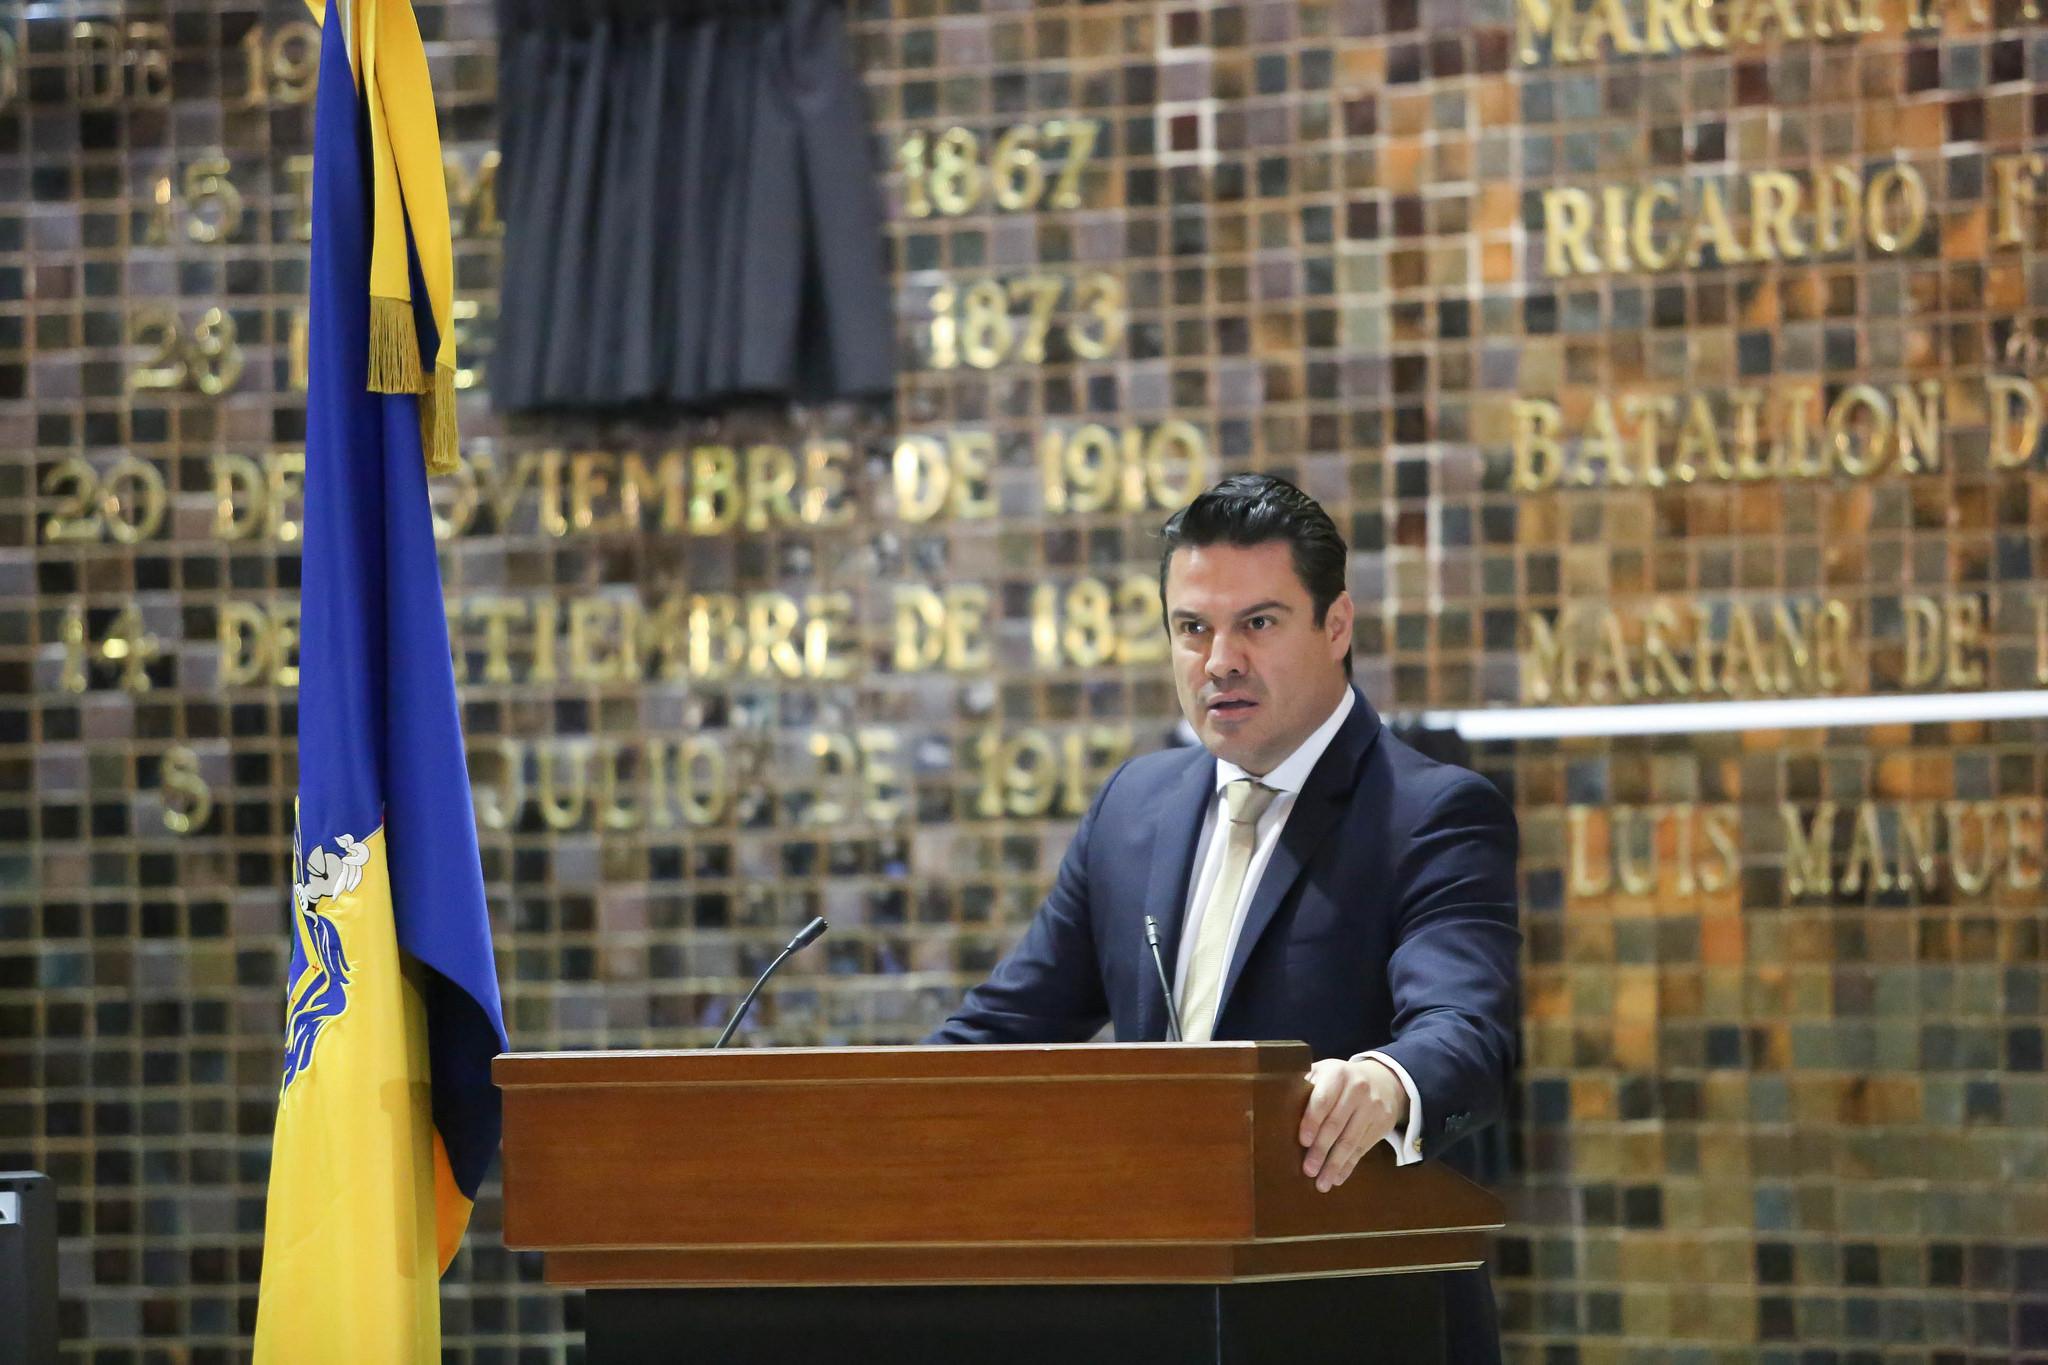 Photo of Encabeza gobernador festejos por el Centenario de la Constitución en Jalisco